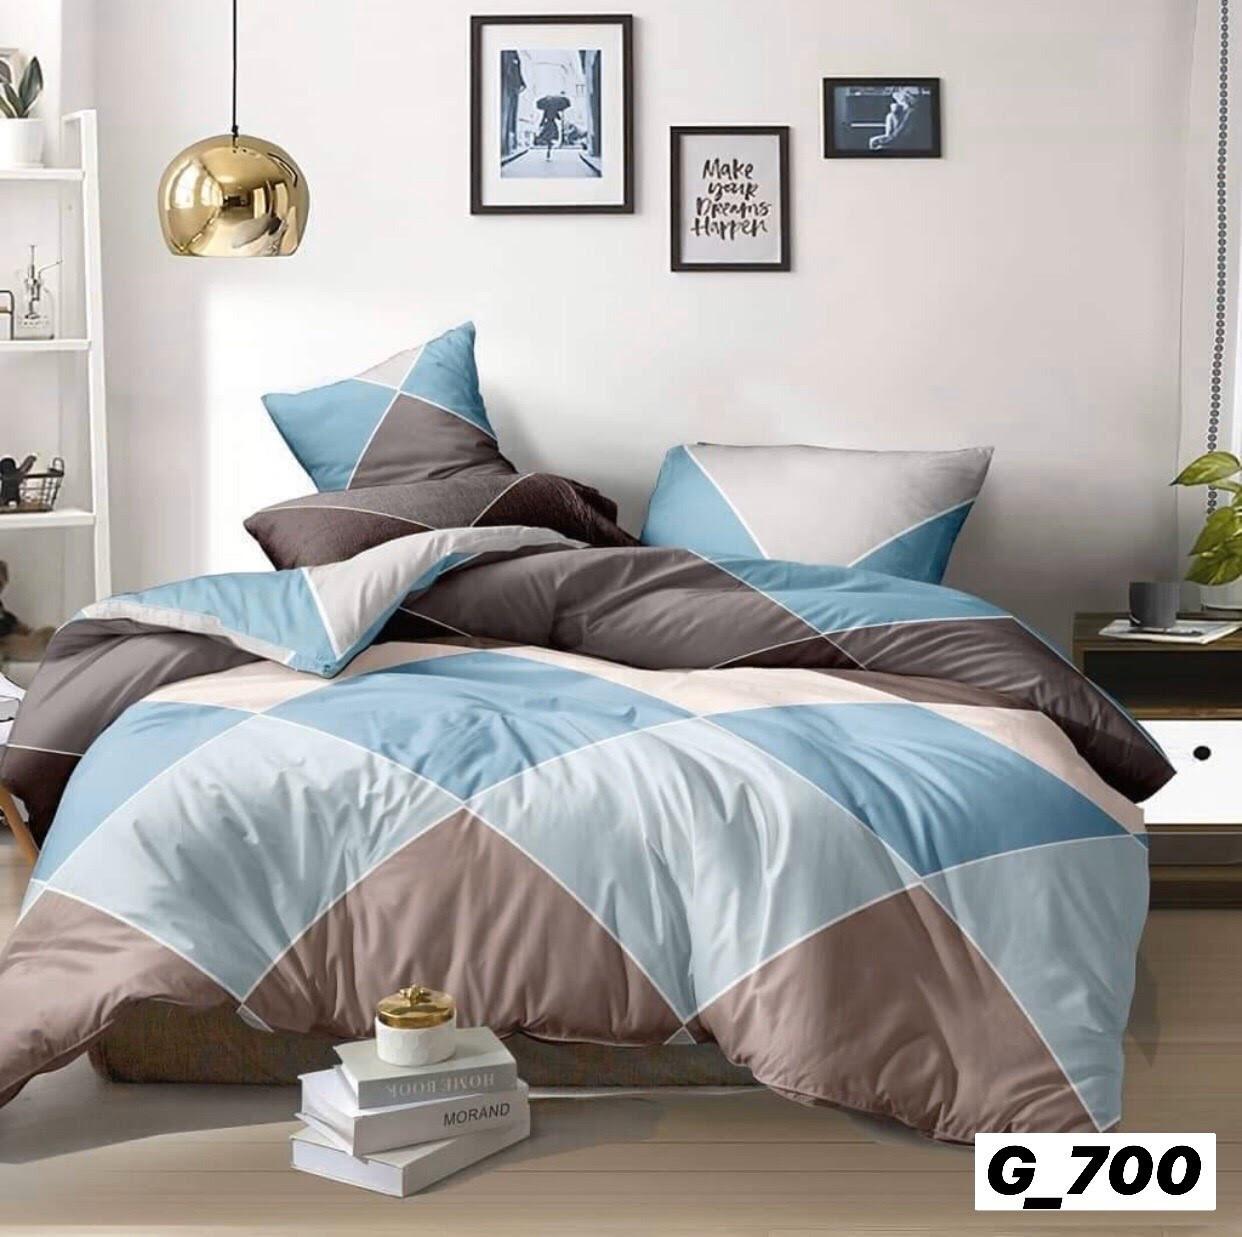 Комплект красивого и качественного постельного белья семейка, ромб